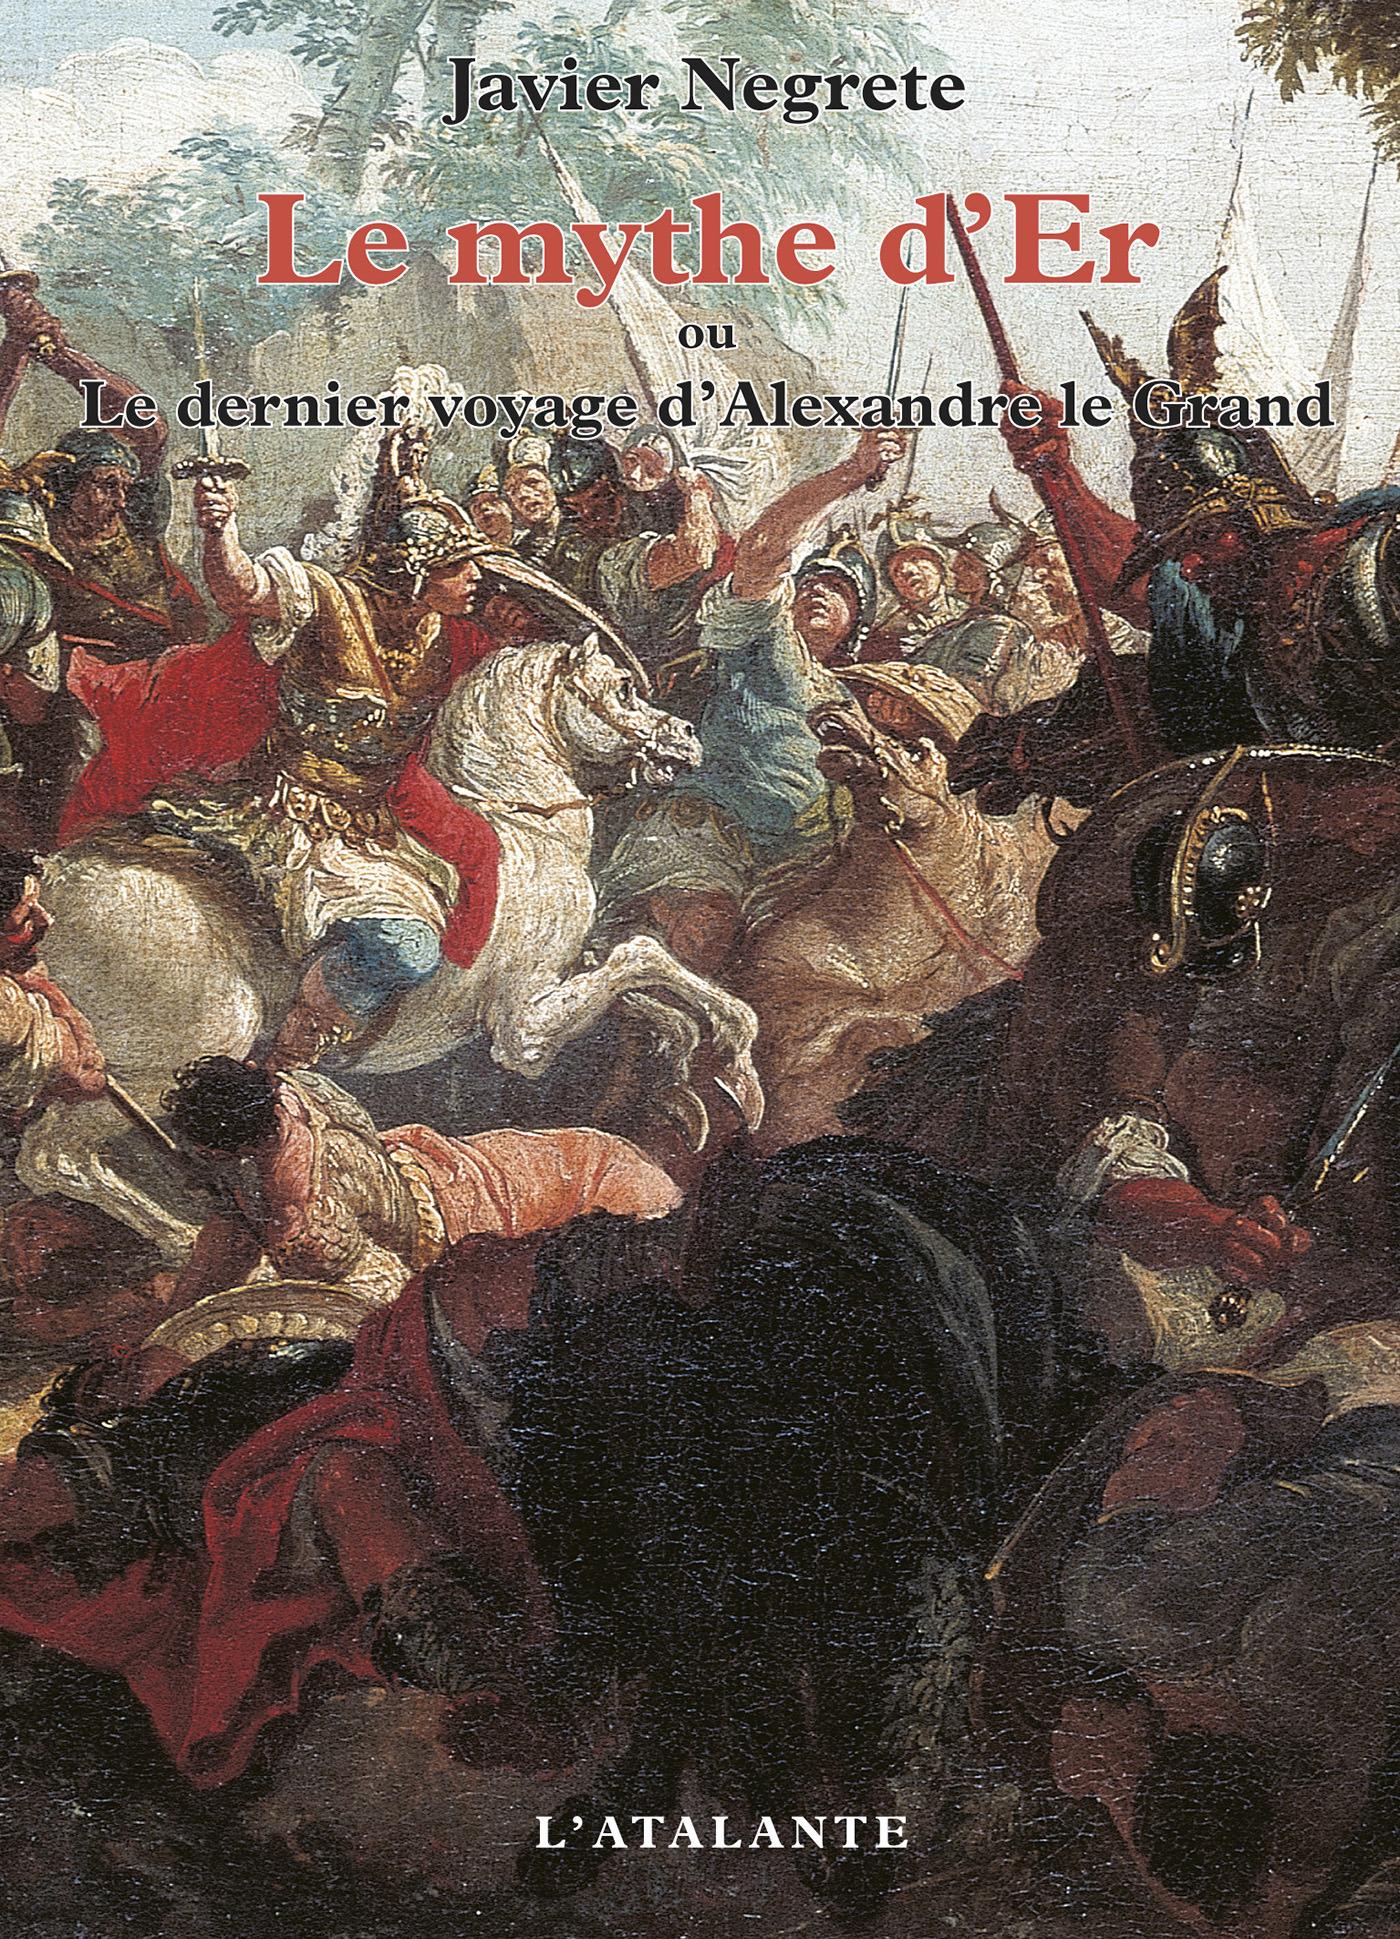 Le mythe d'er ; le dernier voyage d'alexandre le grand